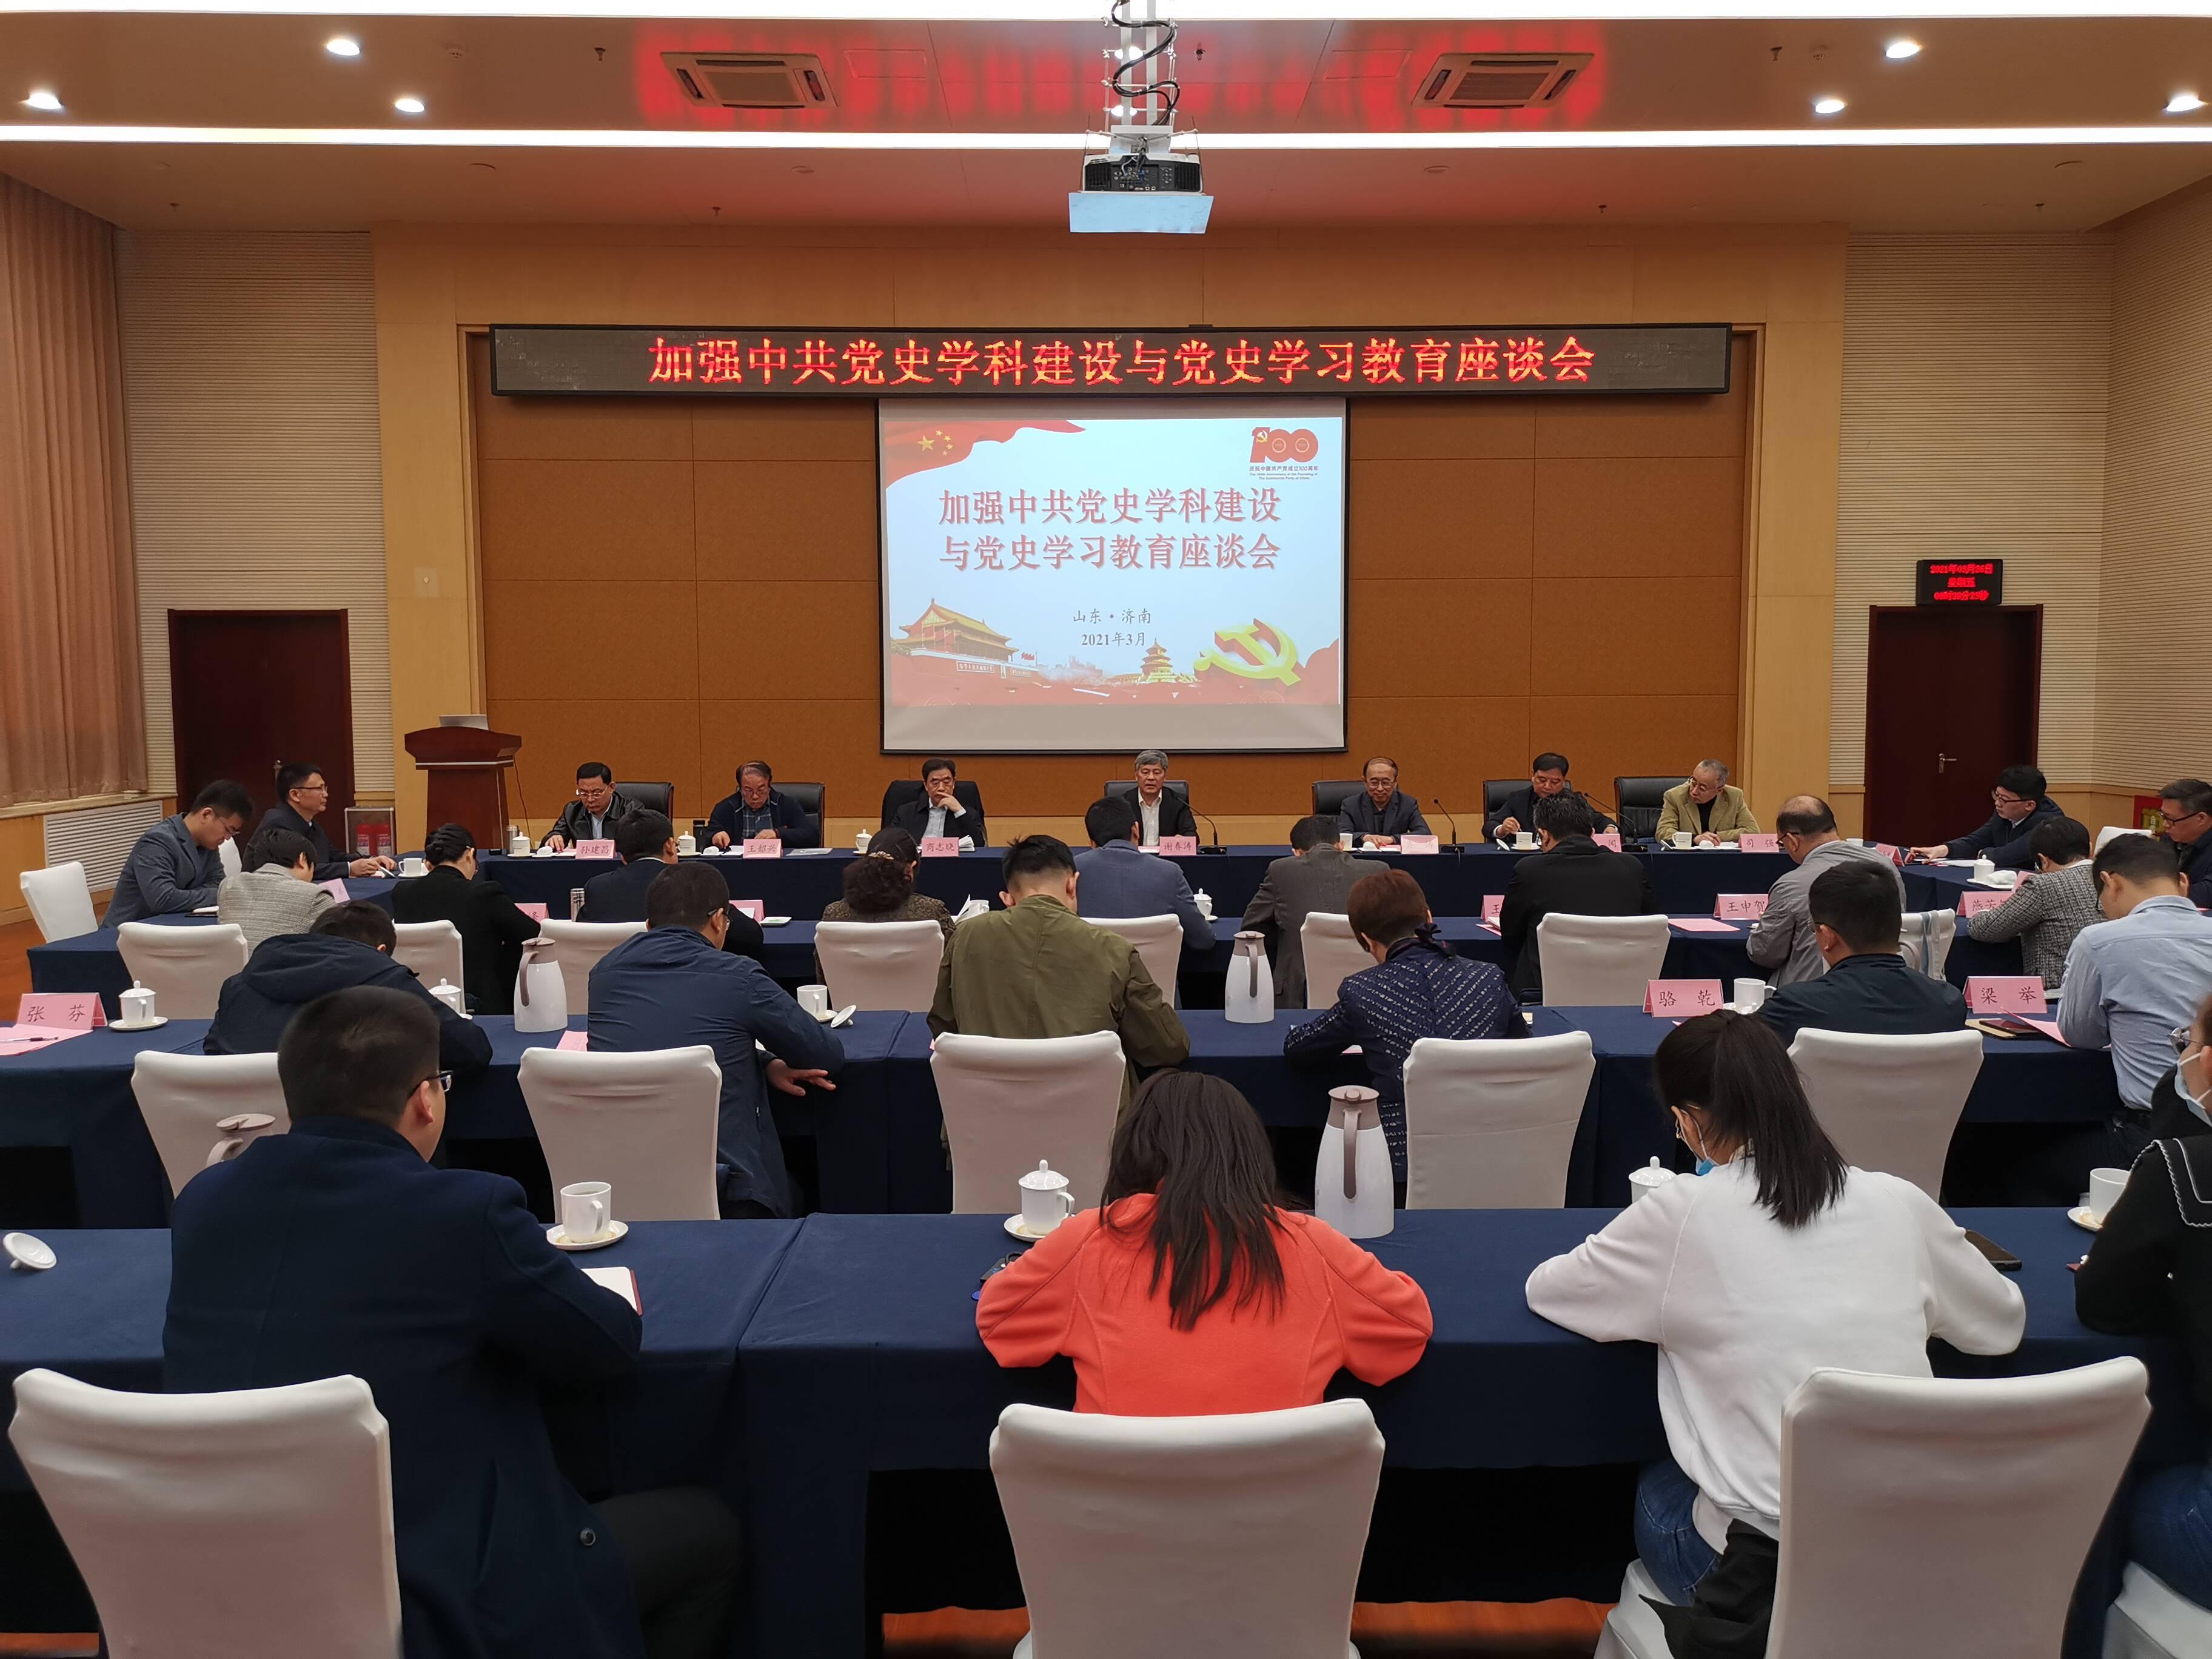 加强中共党史学科建设与党史学习教育  座谈会在省委党校举行